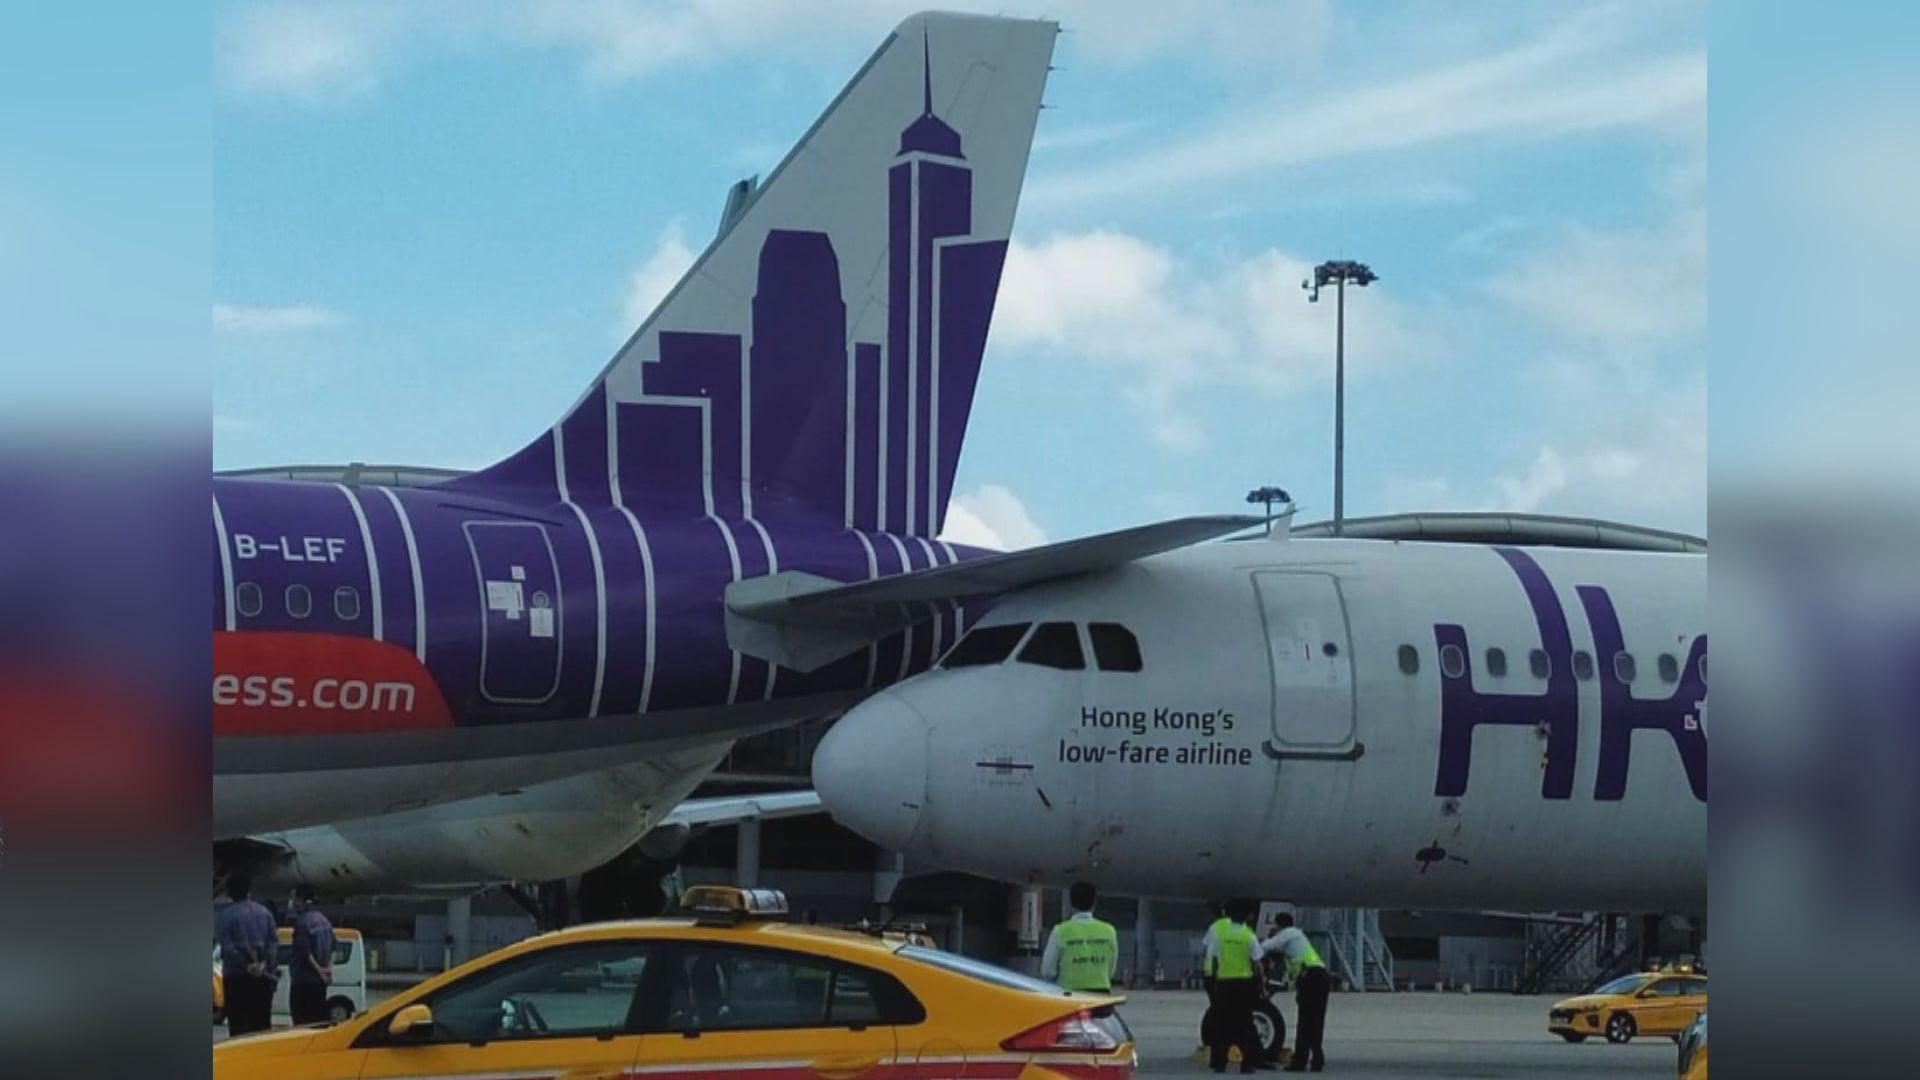 香港快運兩架客機機場拖行過程發生事故